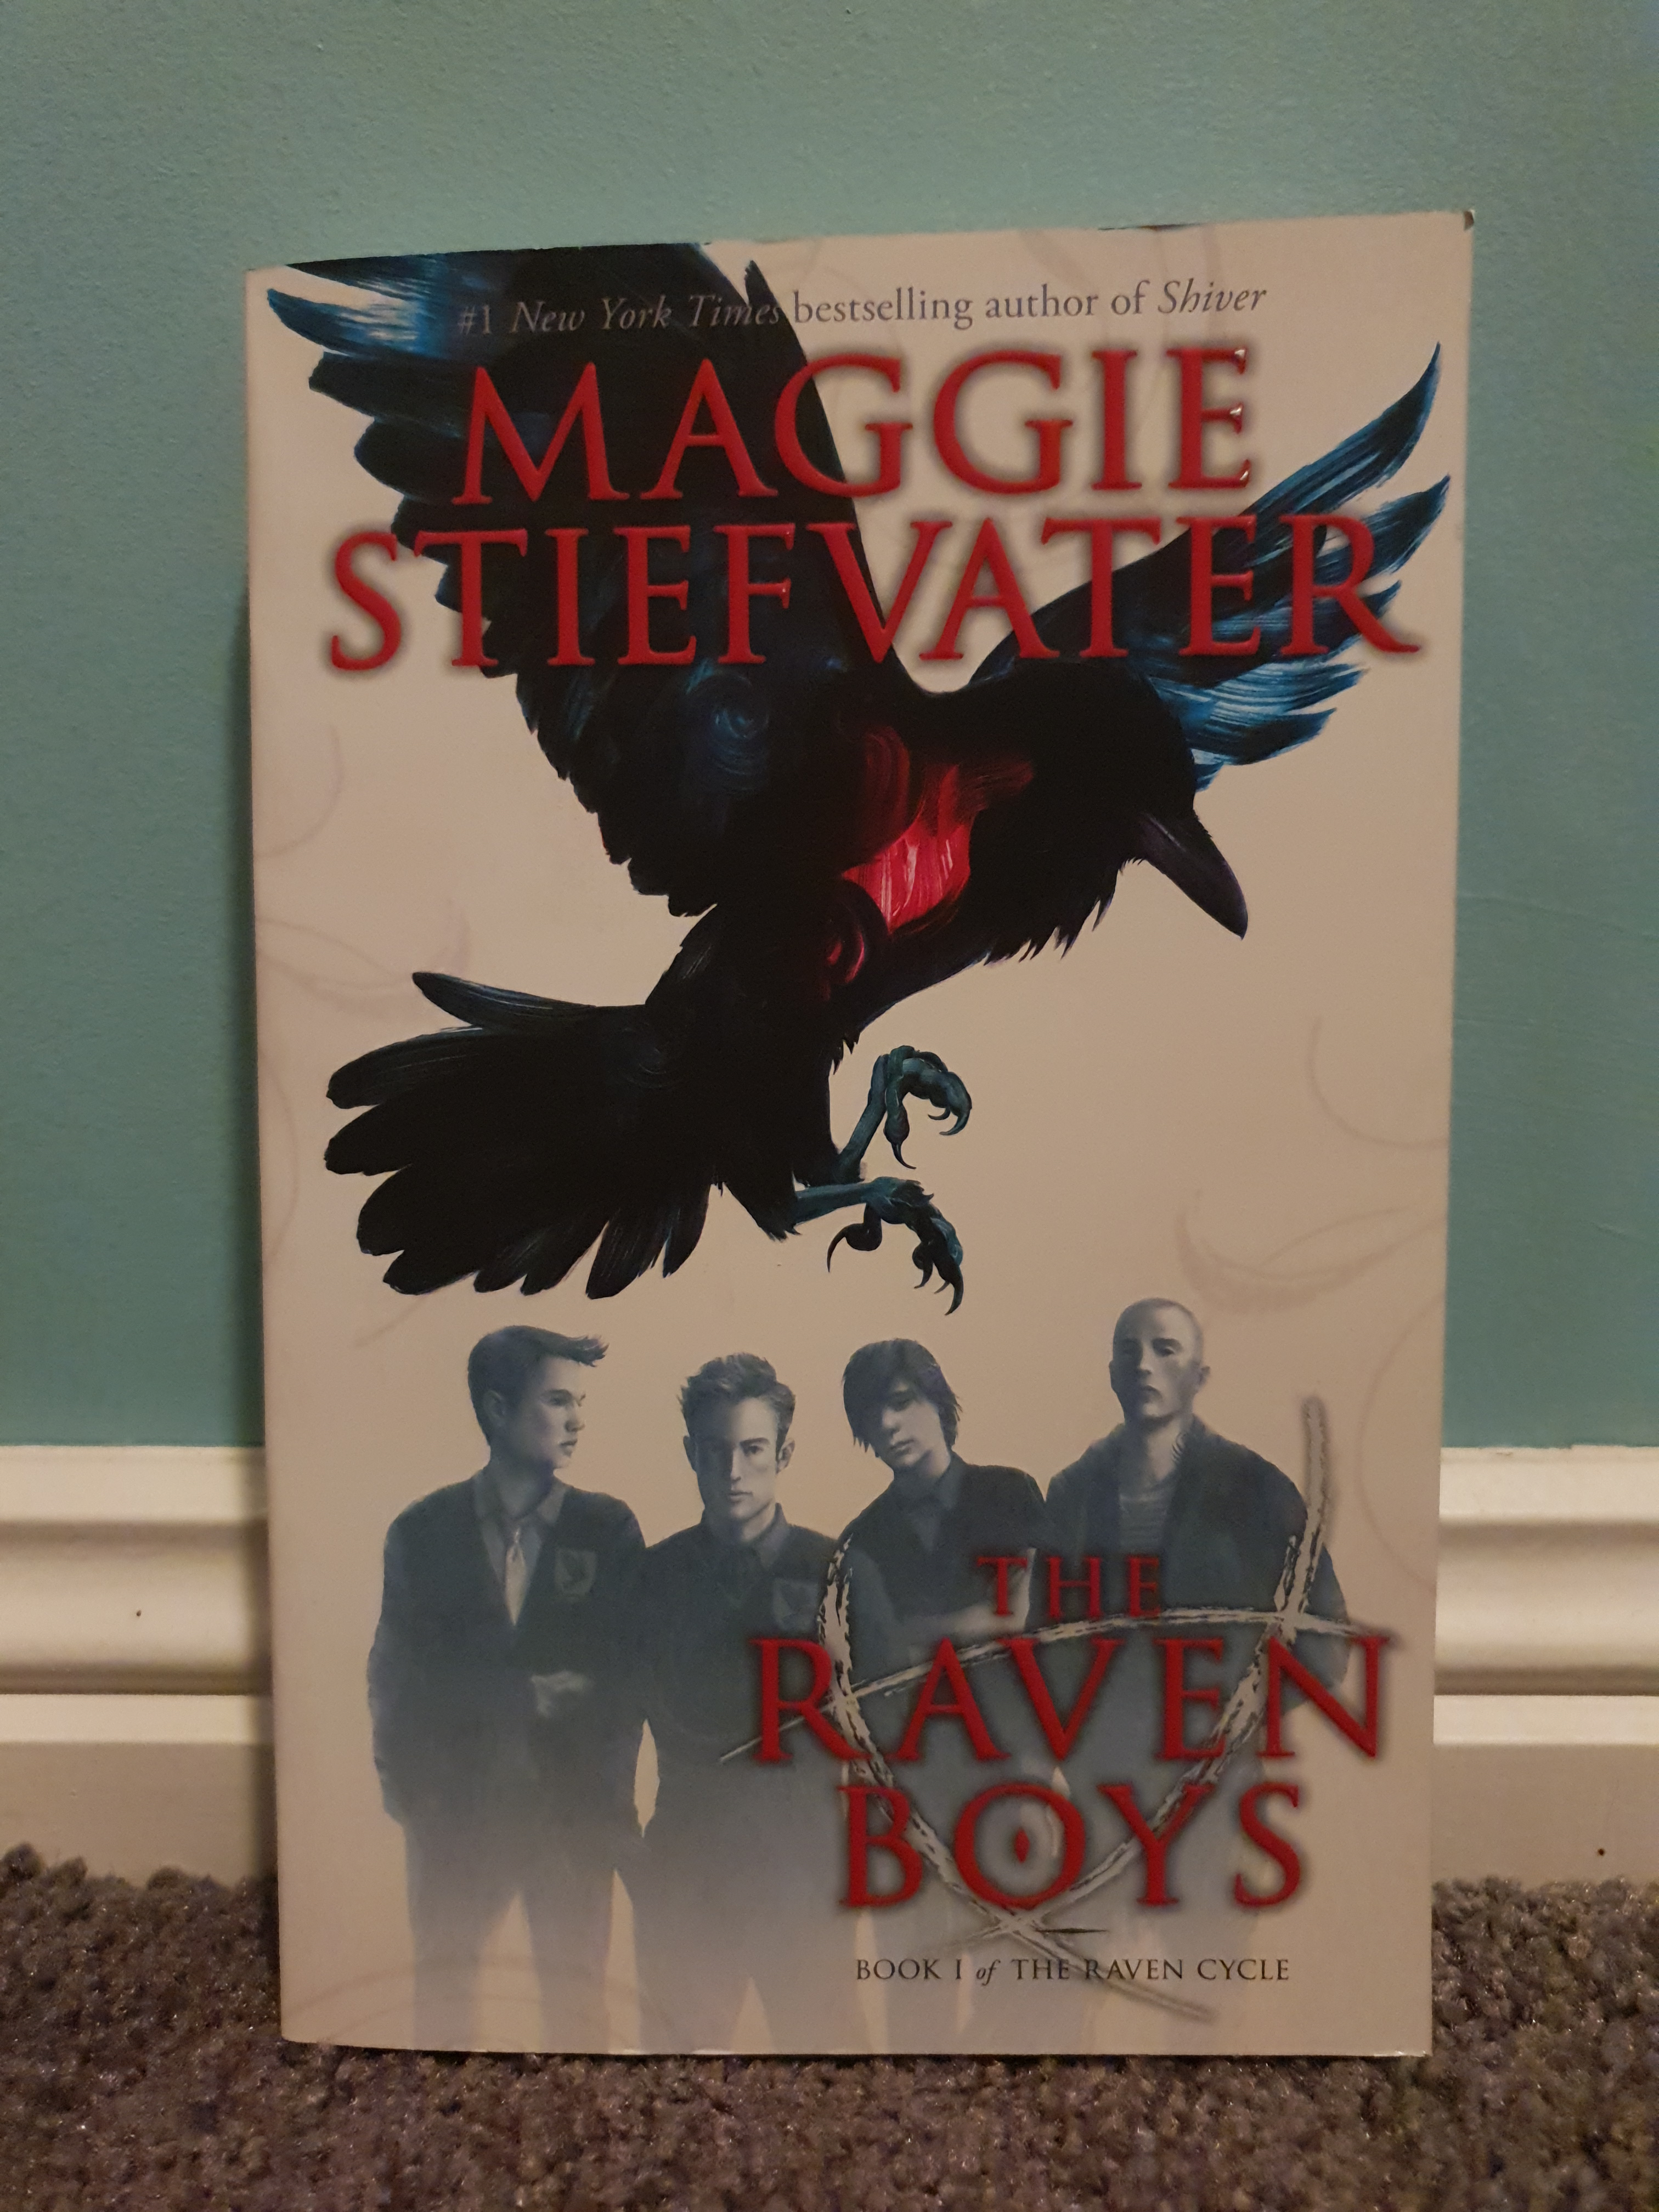 Raven Boys by Maggie Stiefvater